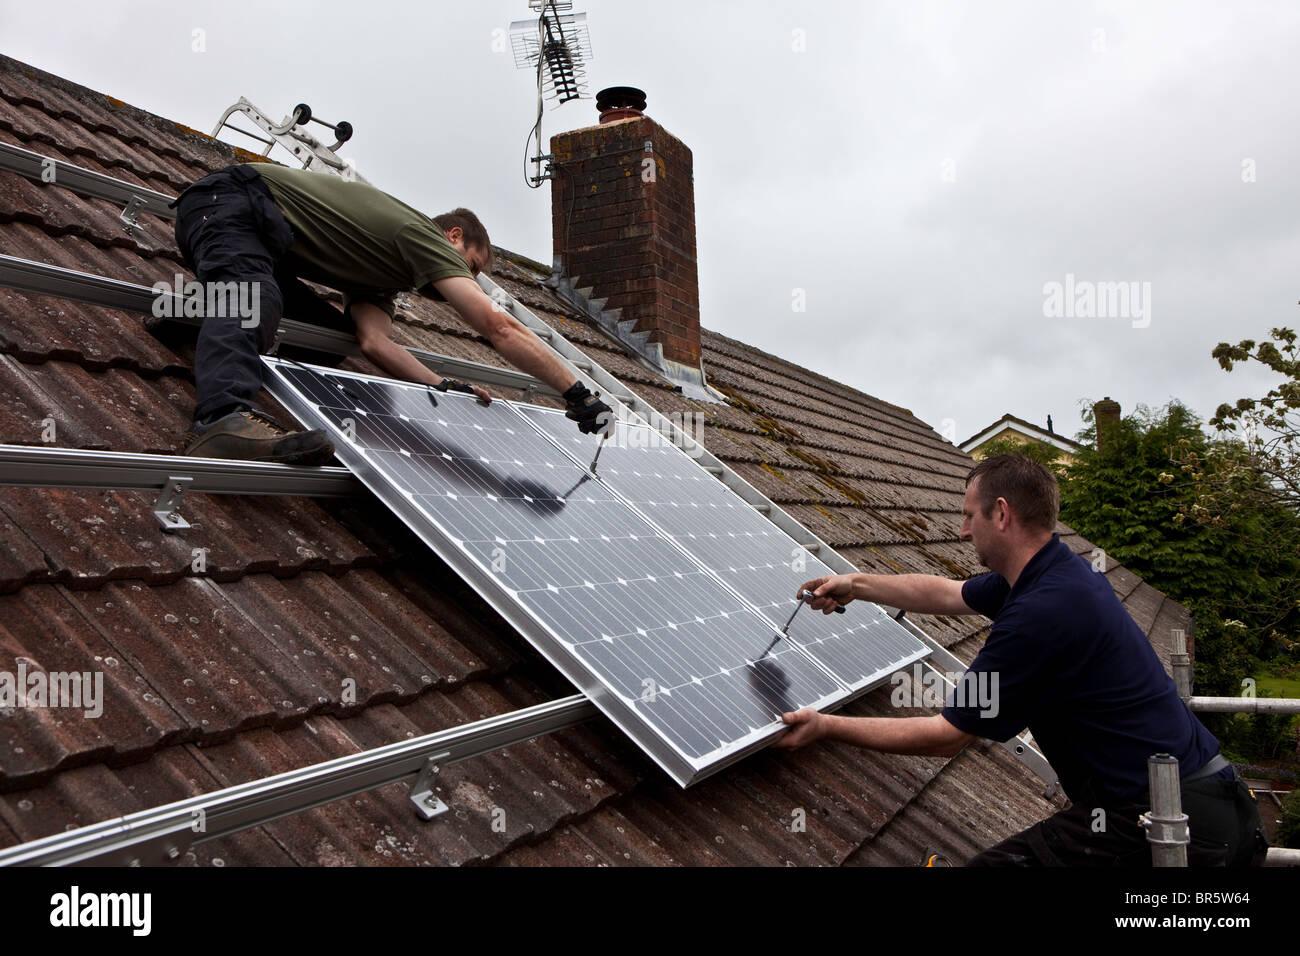 PV Photovoltaik Solarmodule auf dem Dach eines Hauses installiert ...